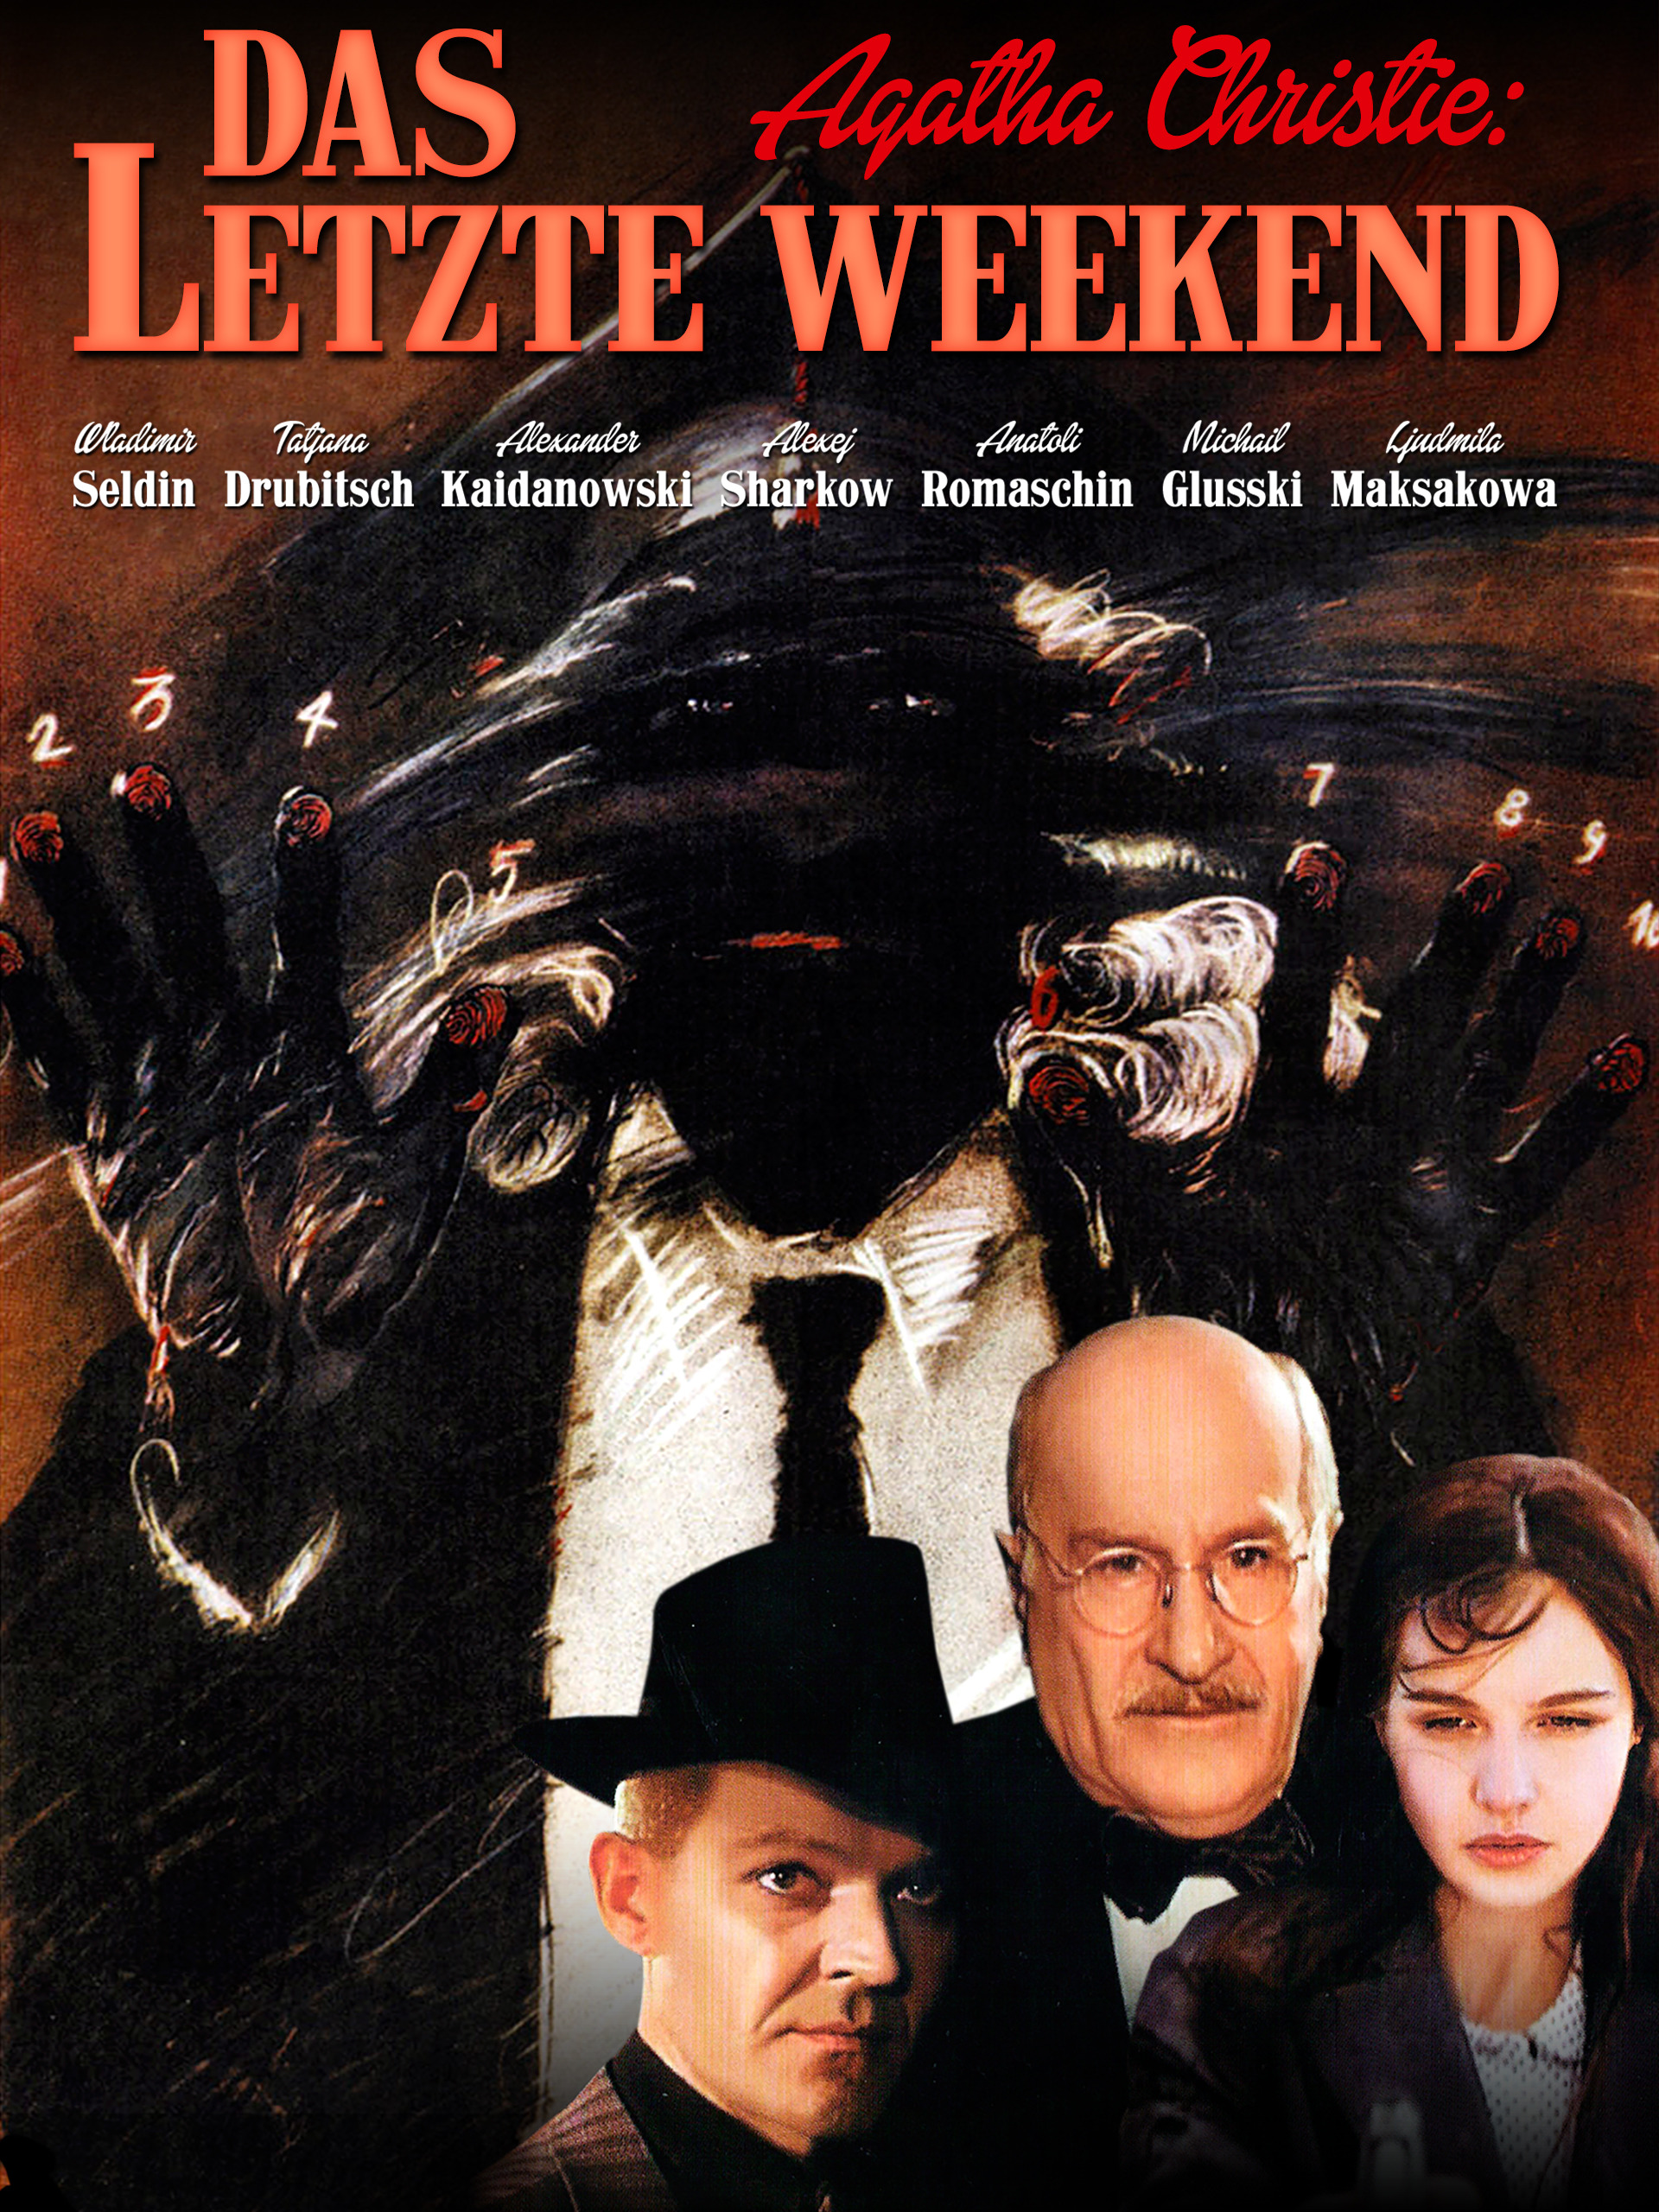 Agatha Christie: Das letzte Weekend